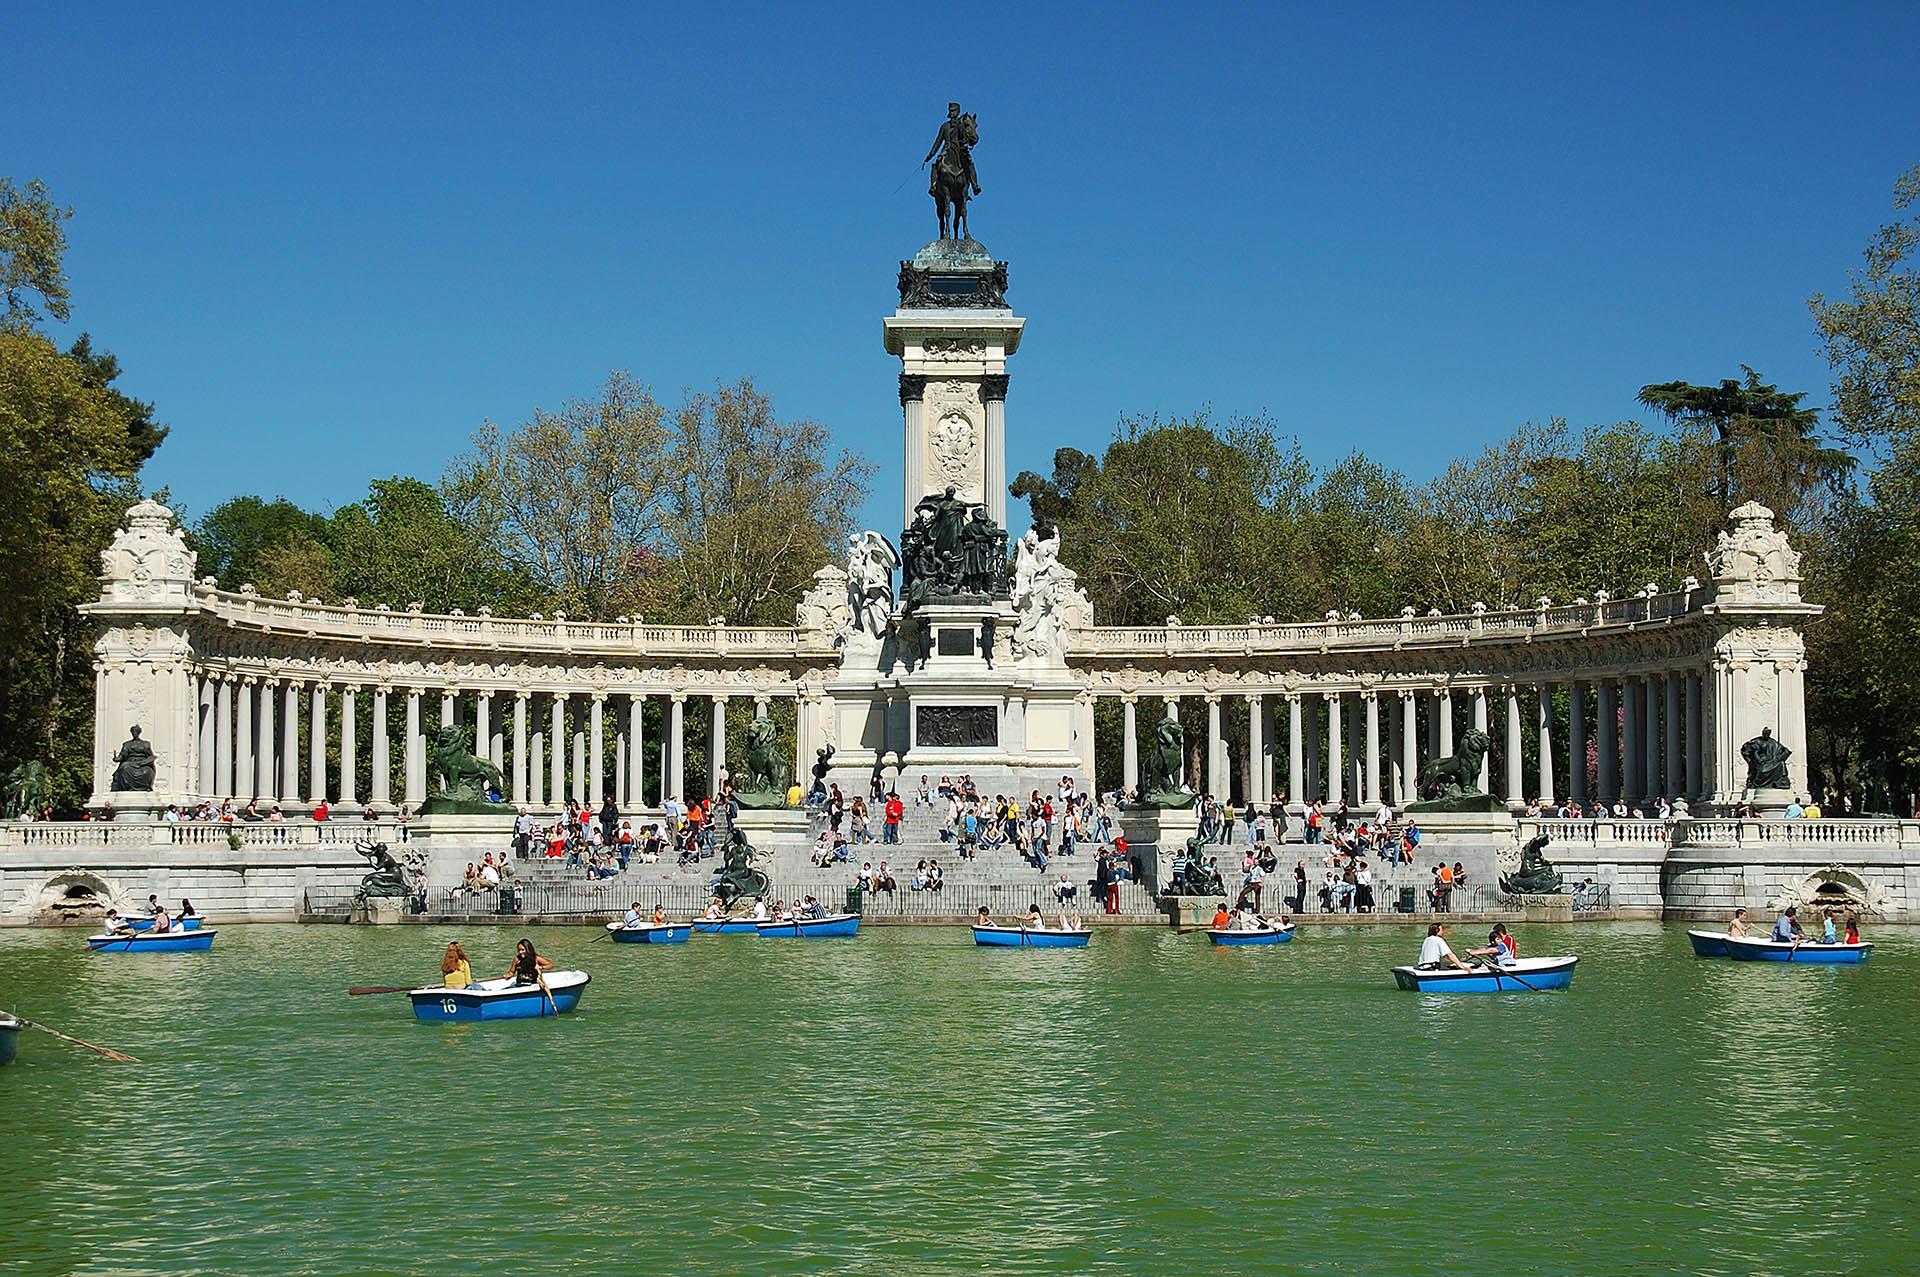 lago del Parque del Buen retiro de Madrid